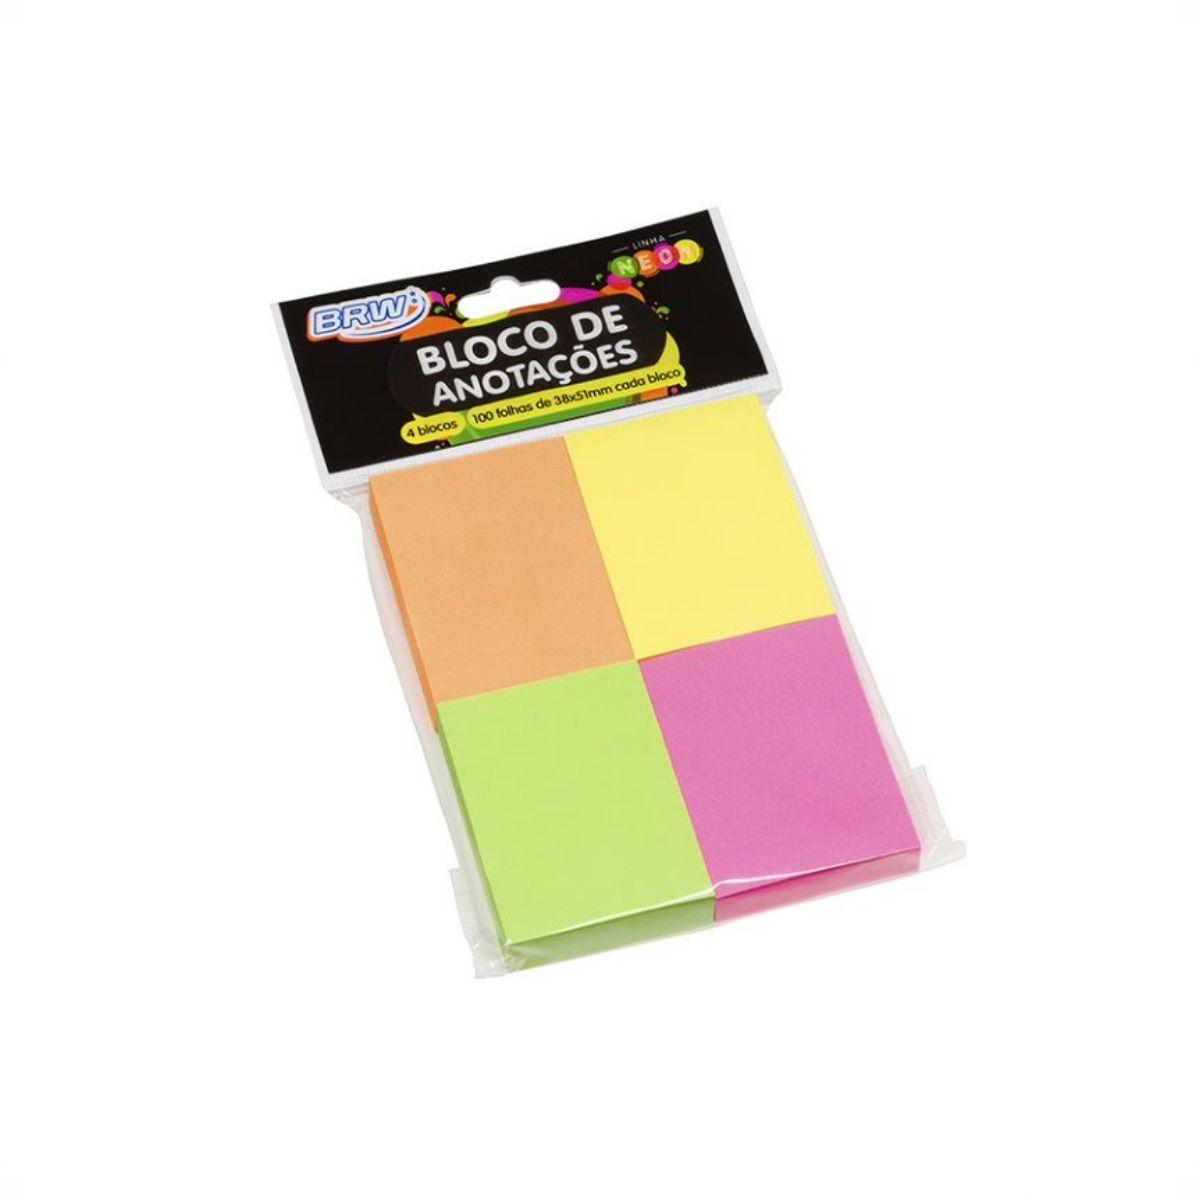 Bloco de Anotações Neon com 4 Cores - BRW